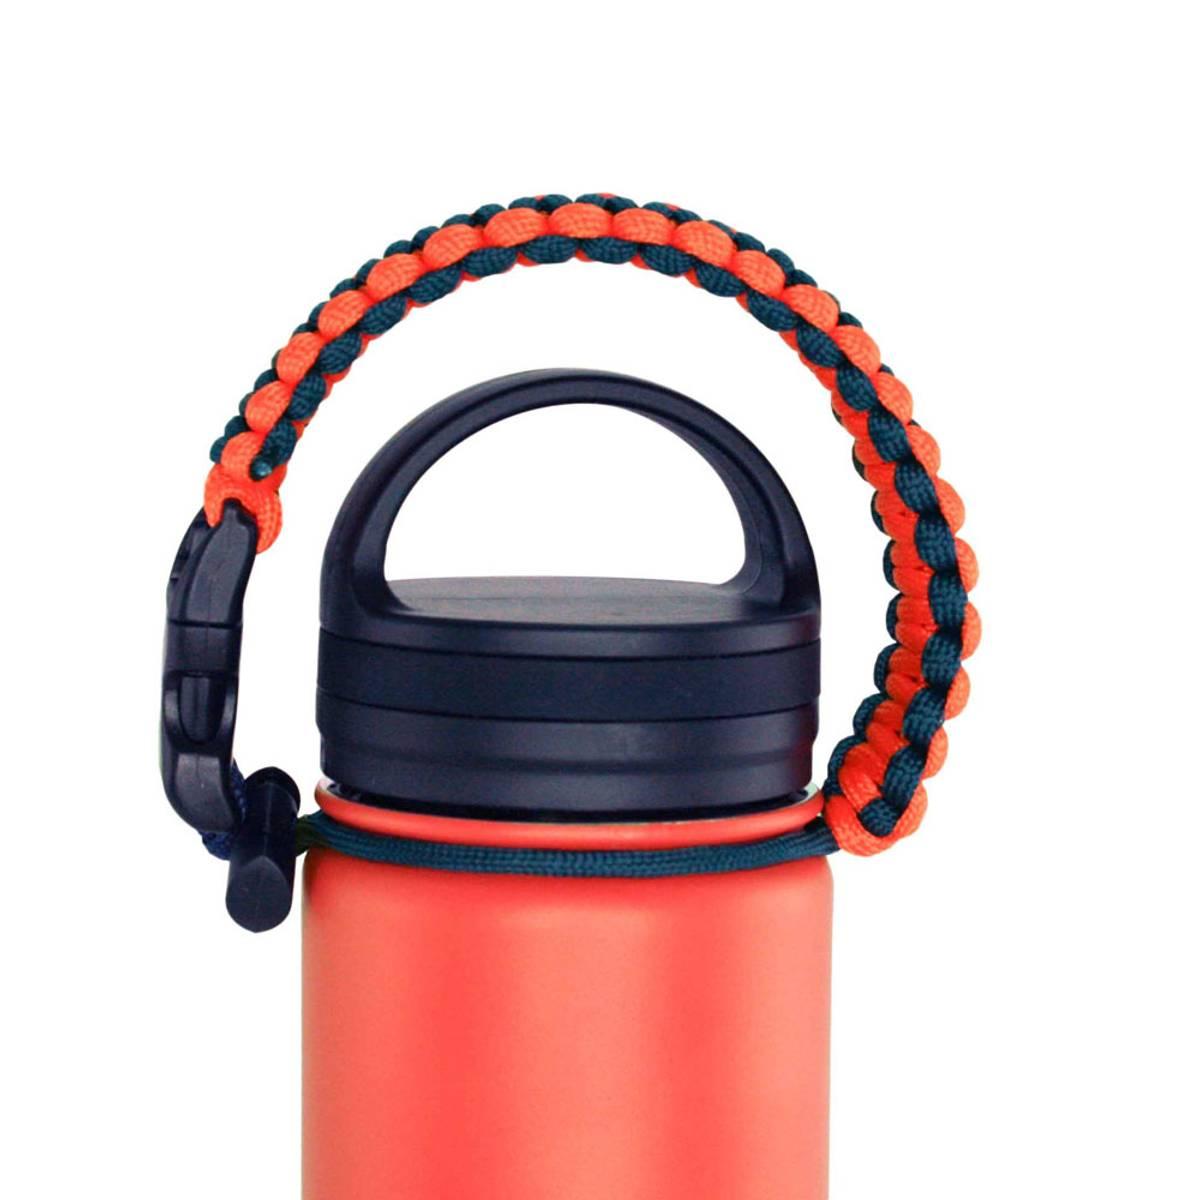 Termoflaske orange, livet er best ute